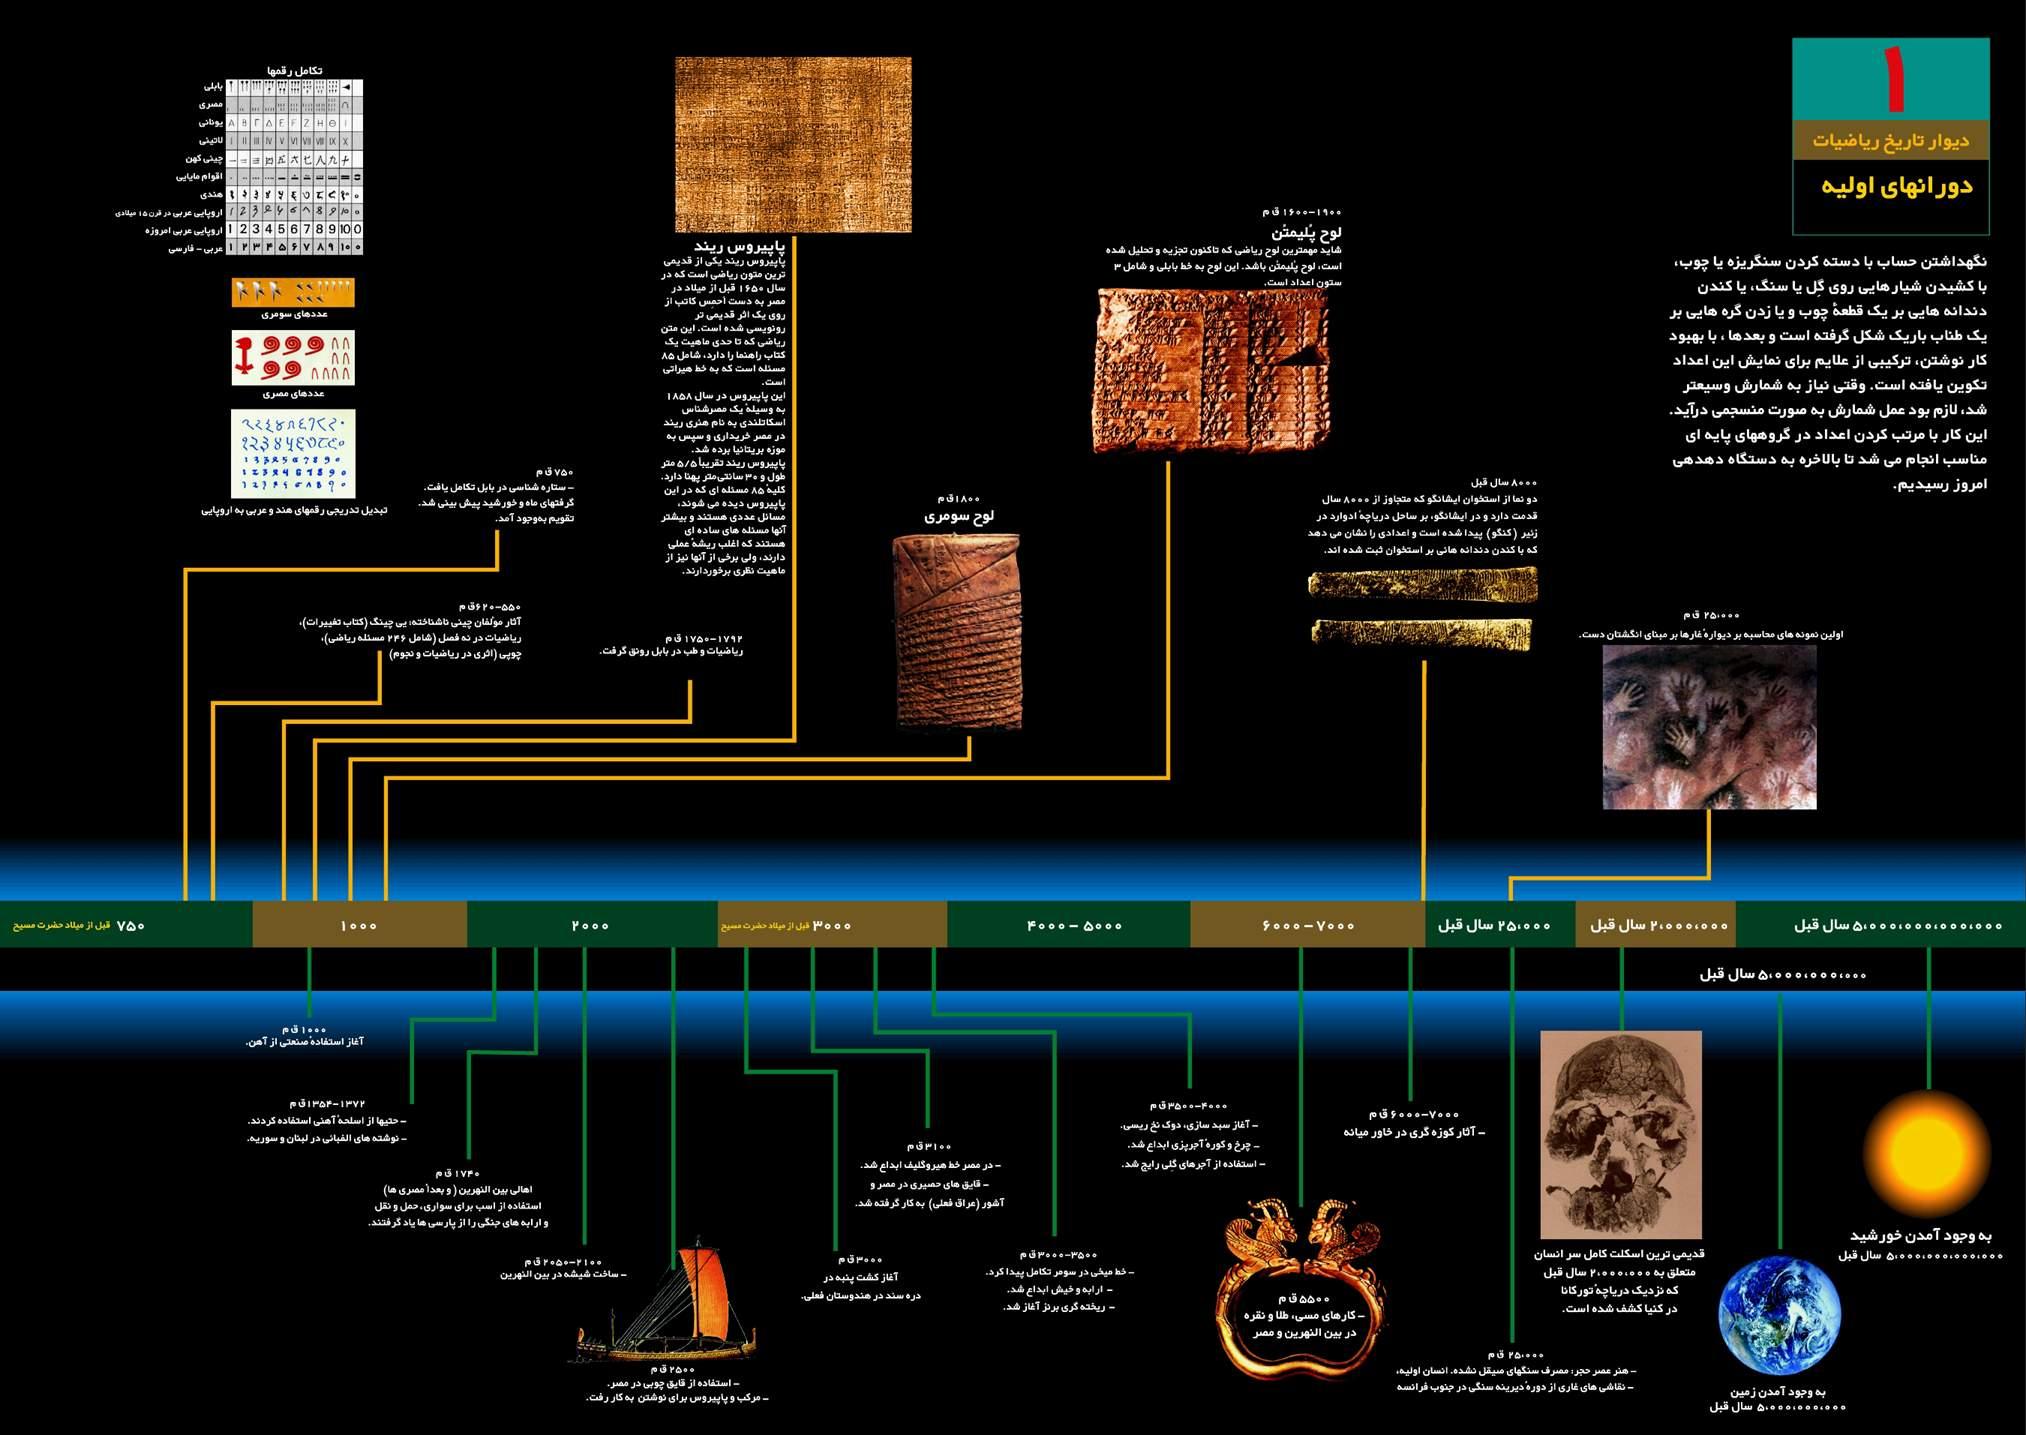 تاریخ ریاضیات